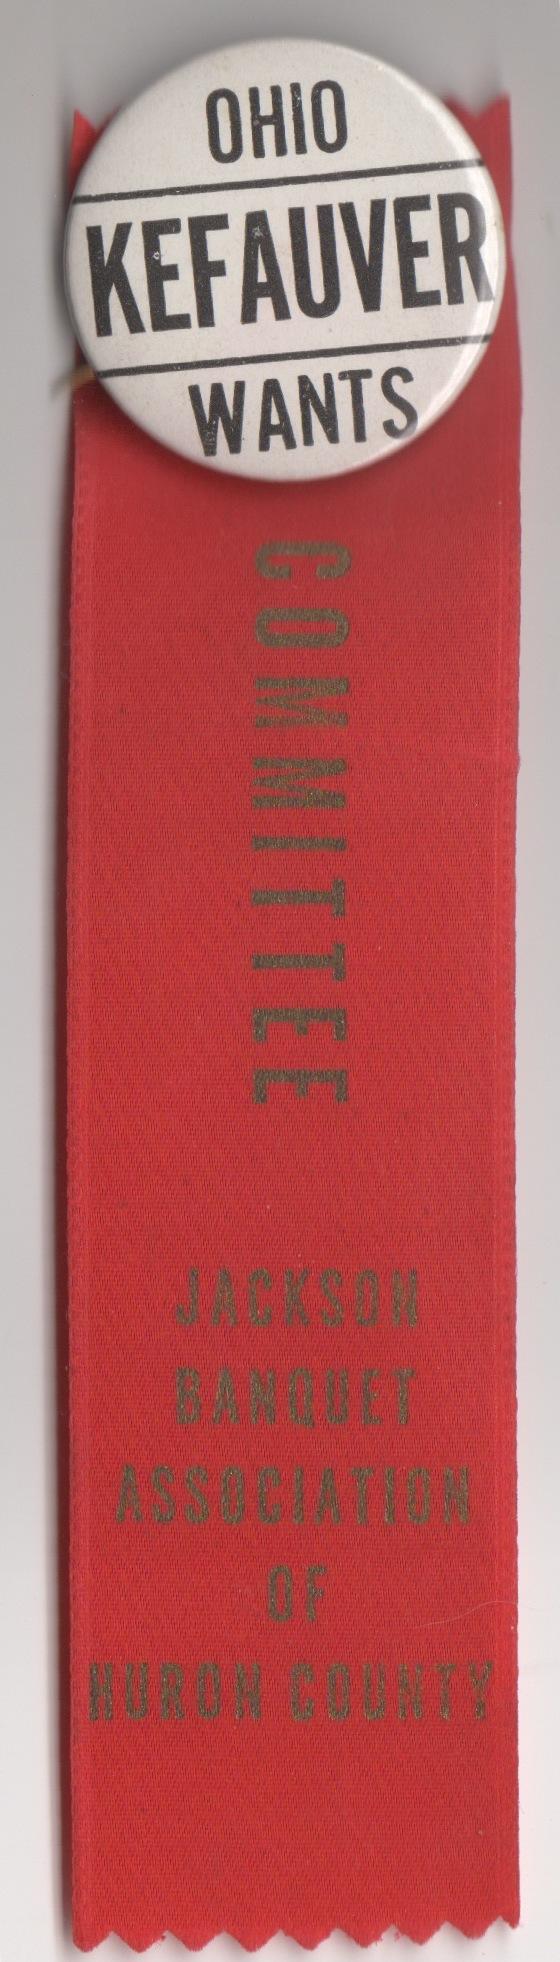 OHPres1956-21 KEFAUVER.jpeg